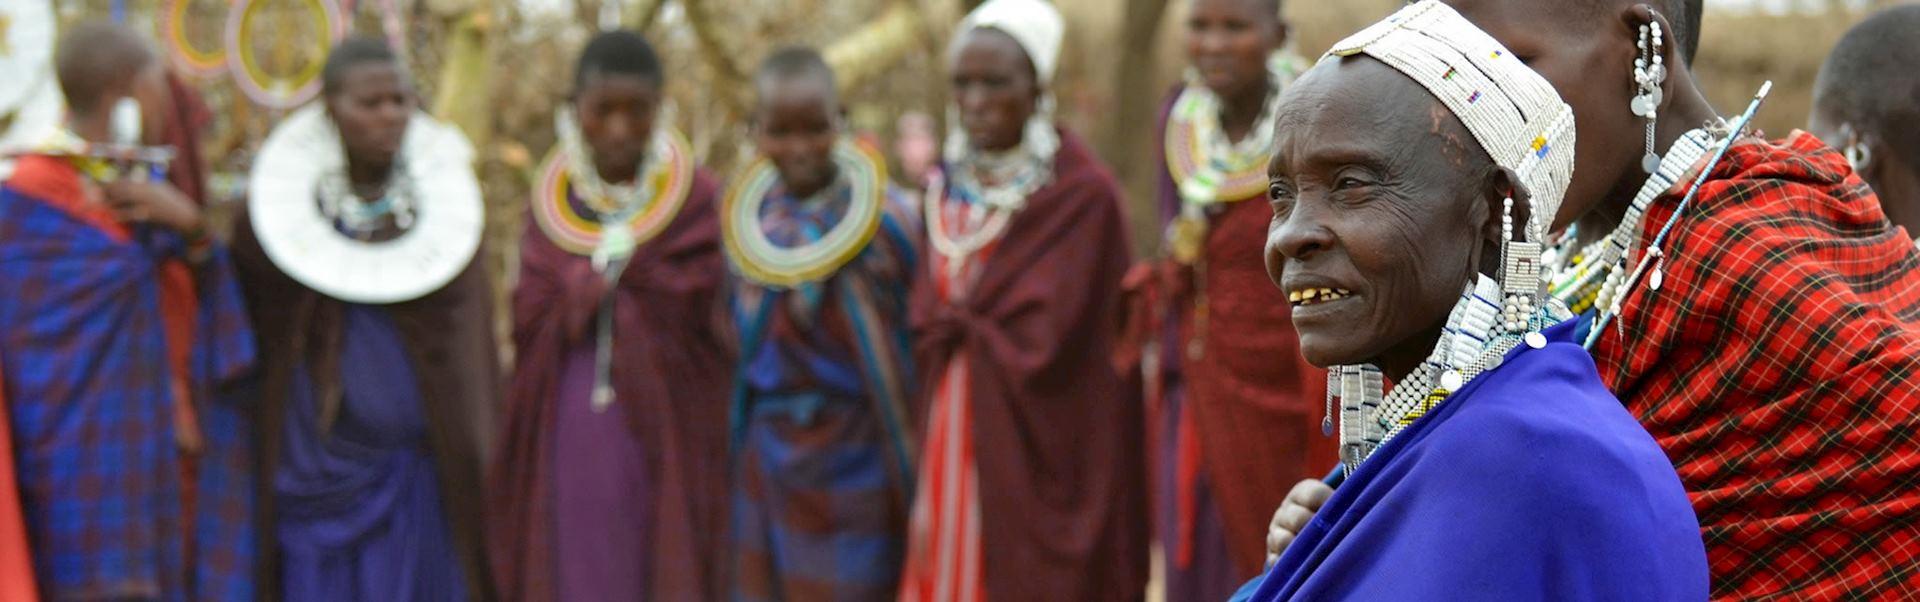 Masai women, Karatu